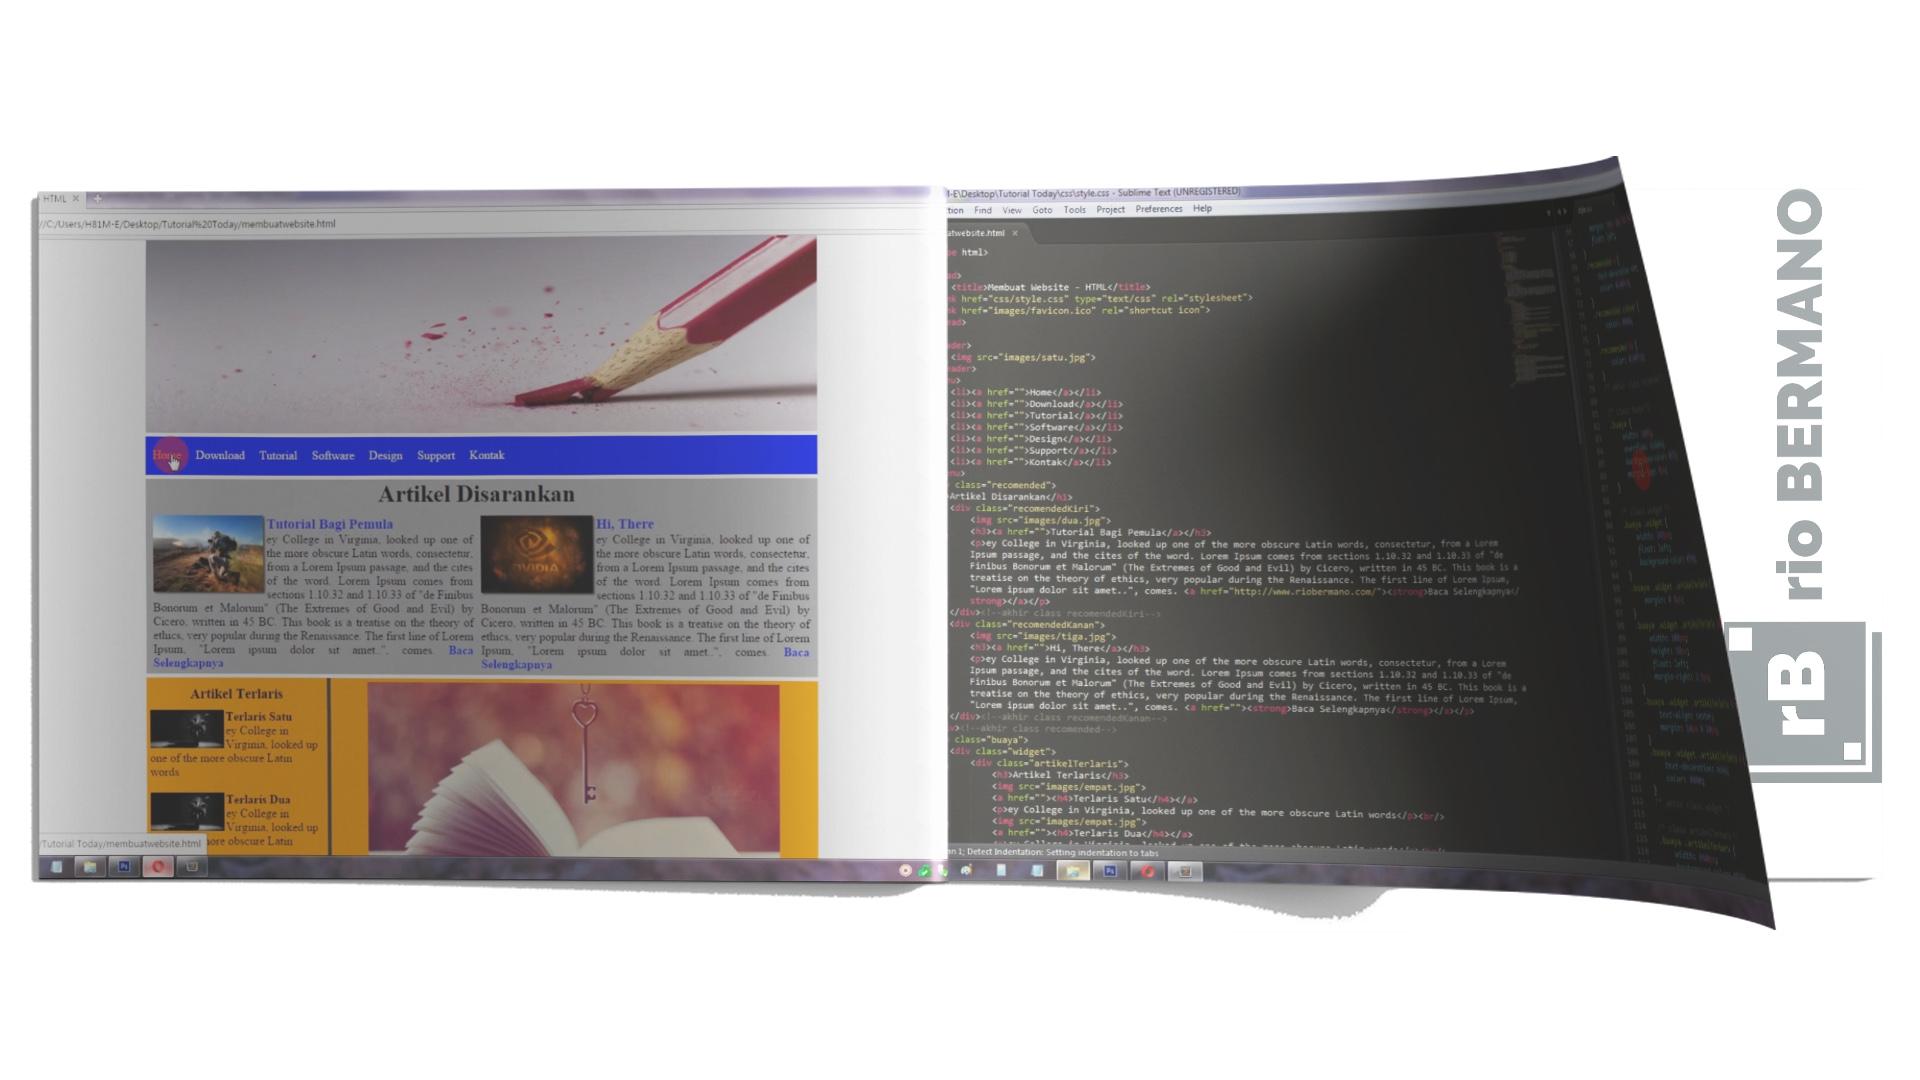 cara membuat blog sendiri html css - rio bermano